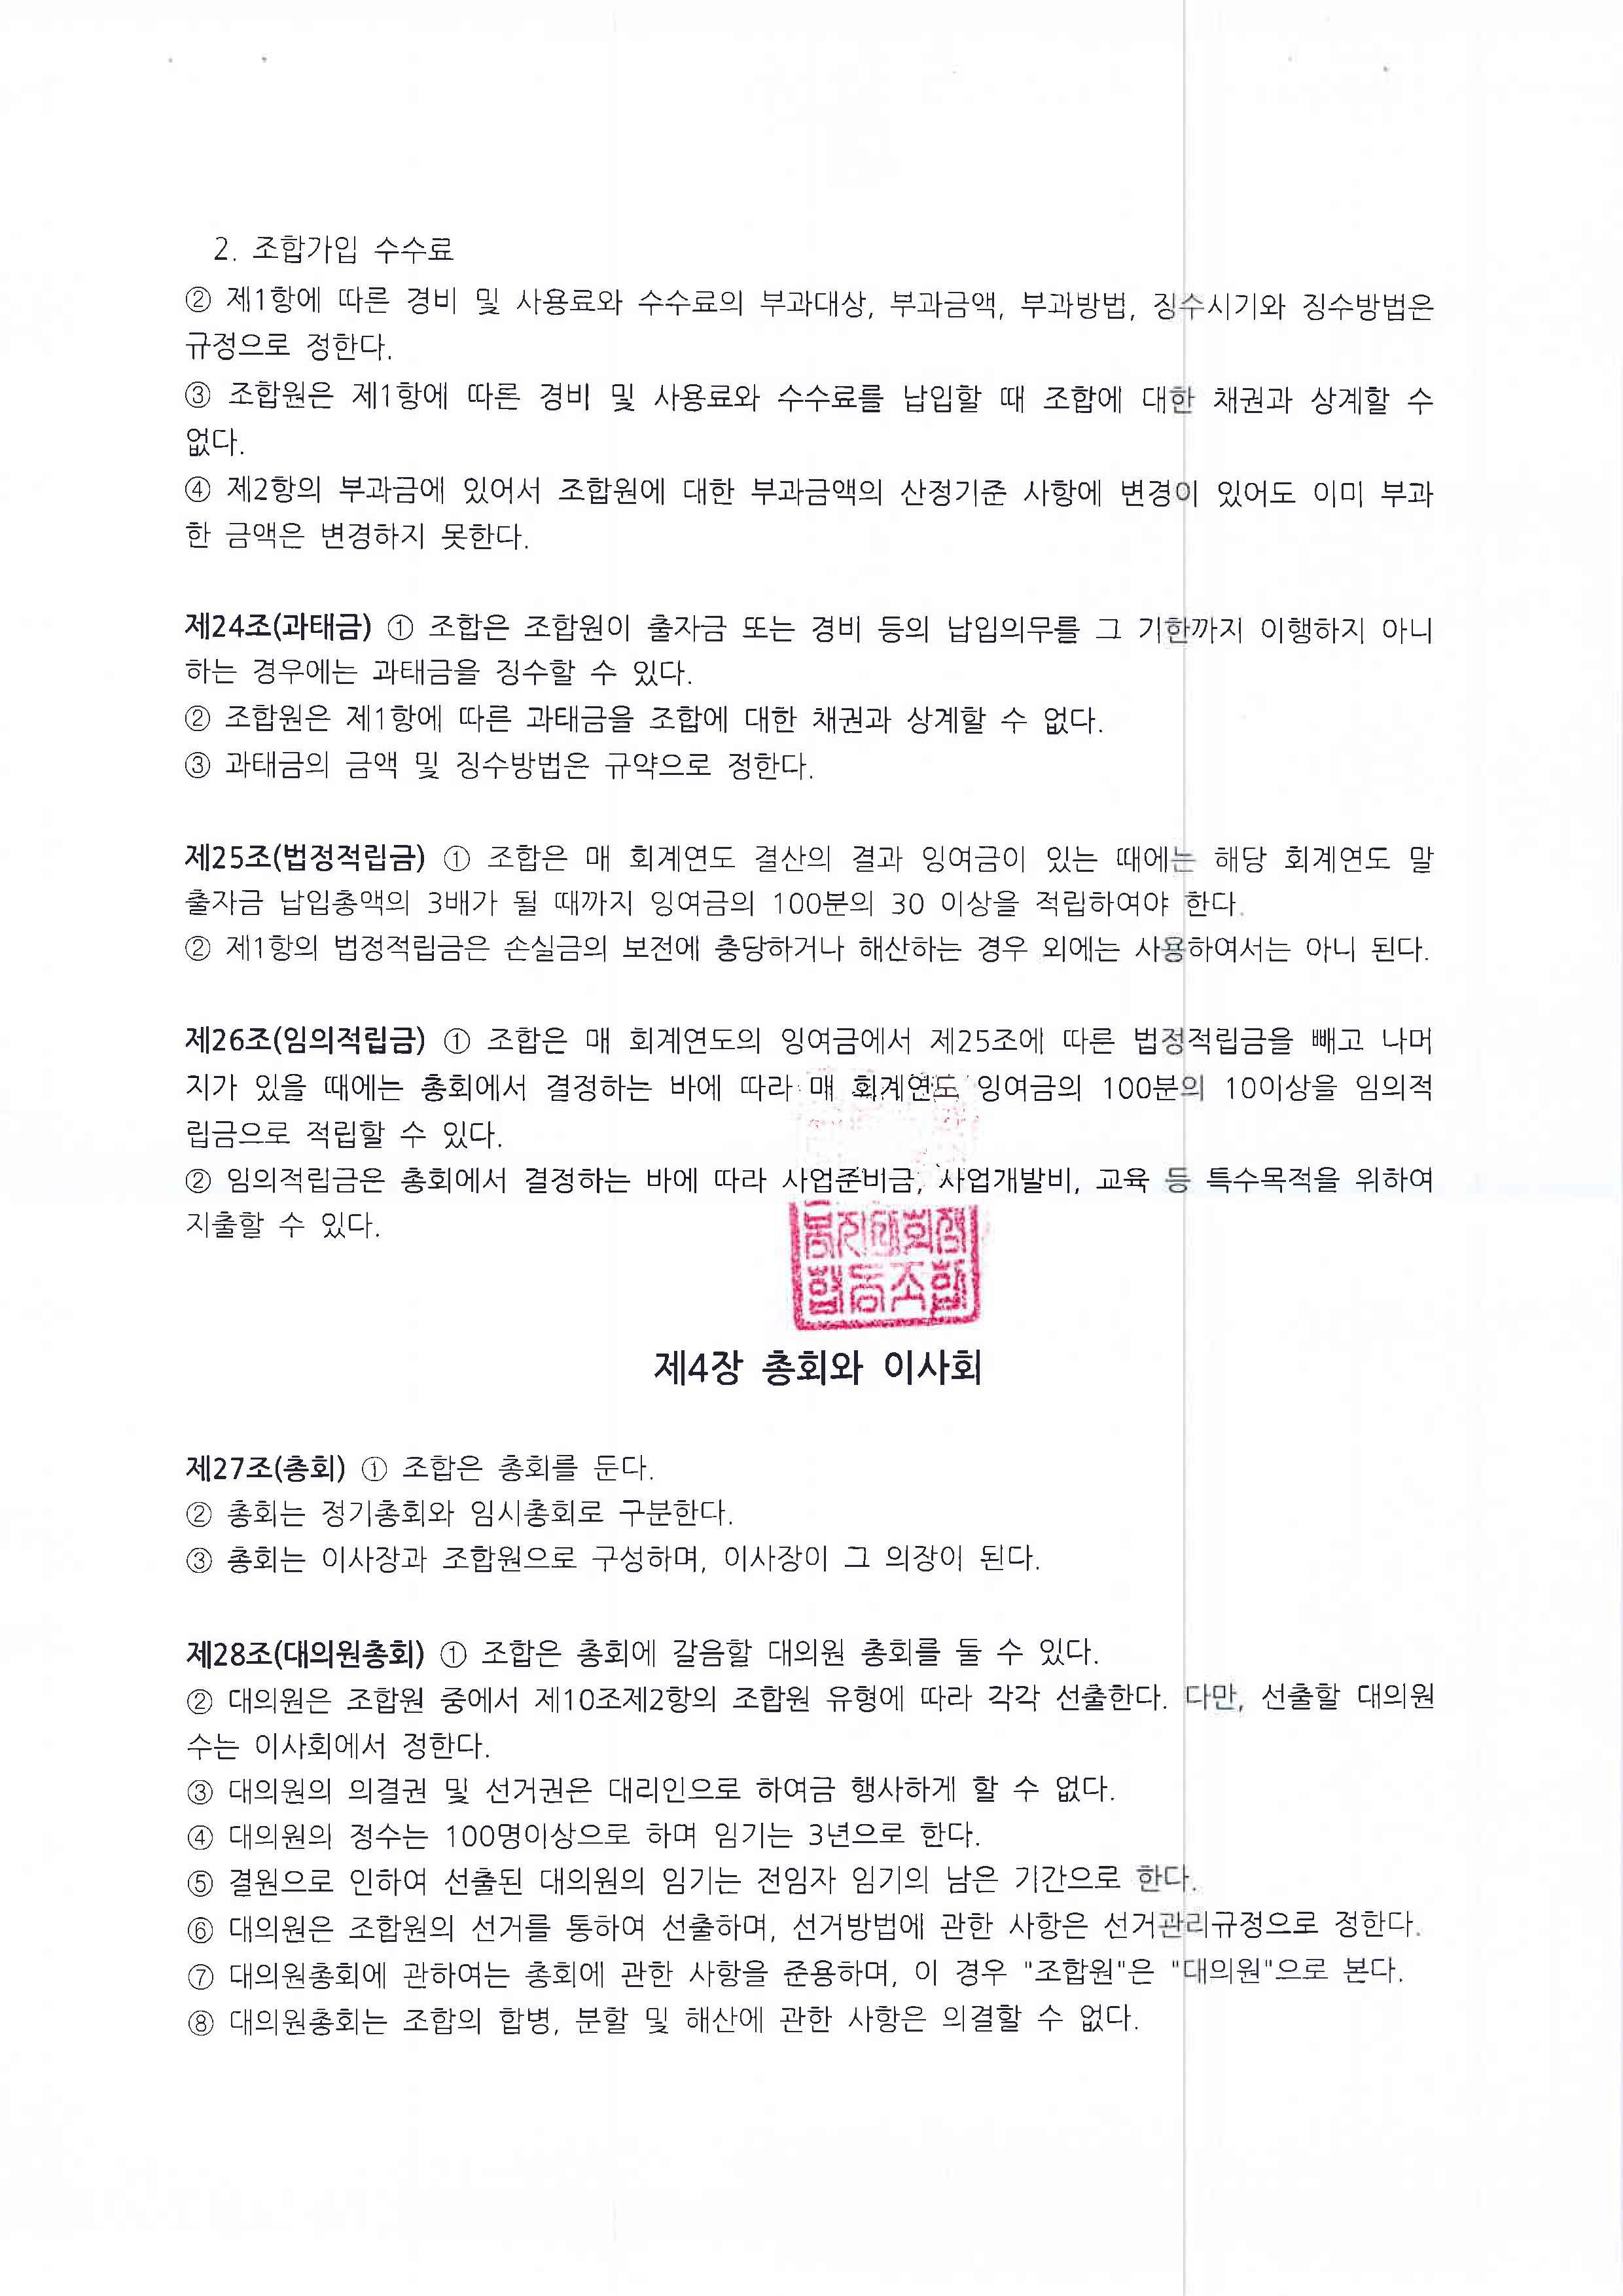 정관(20차 총회 개정안 반영)-원본대조필_페이지_07.jpg